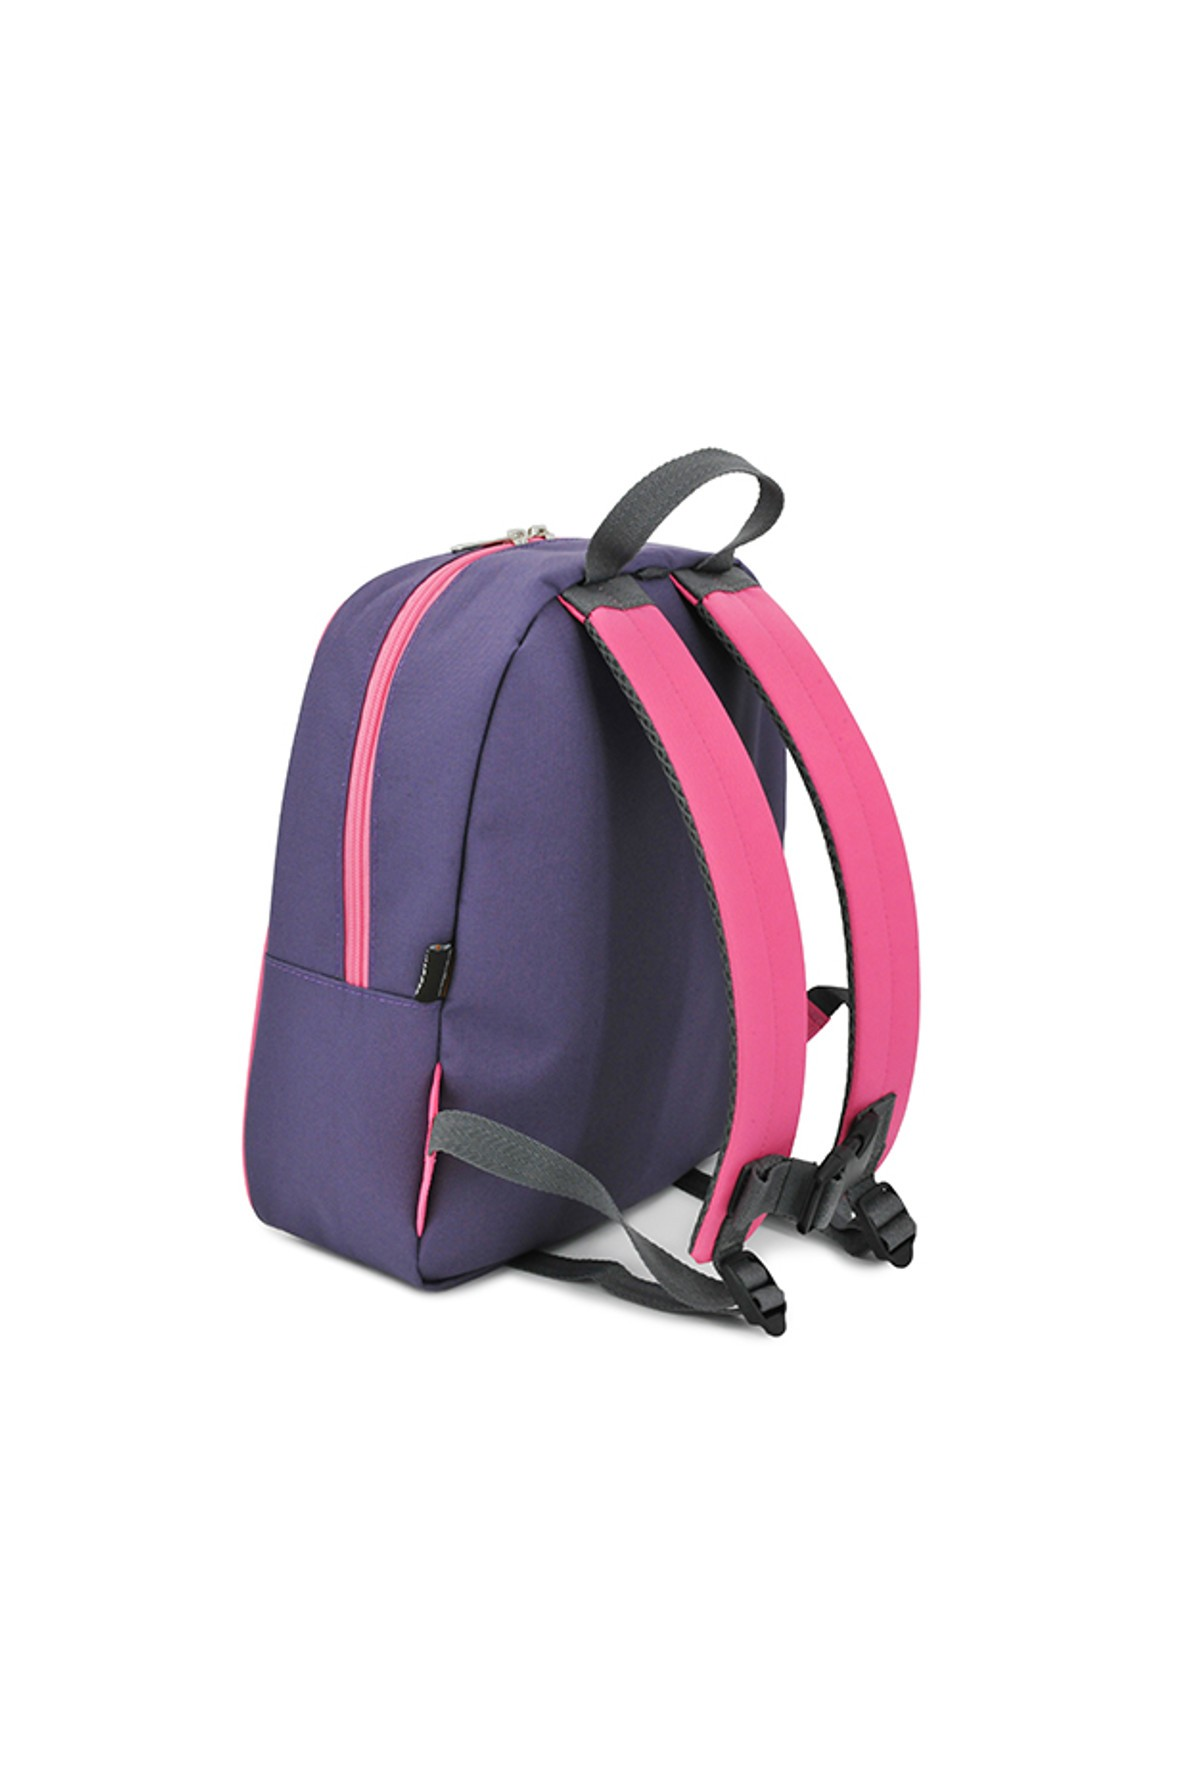 fe4939b751d67 Plecak dziewczęcy · Plecak dziewczęcy · Plecak dziewczęcy